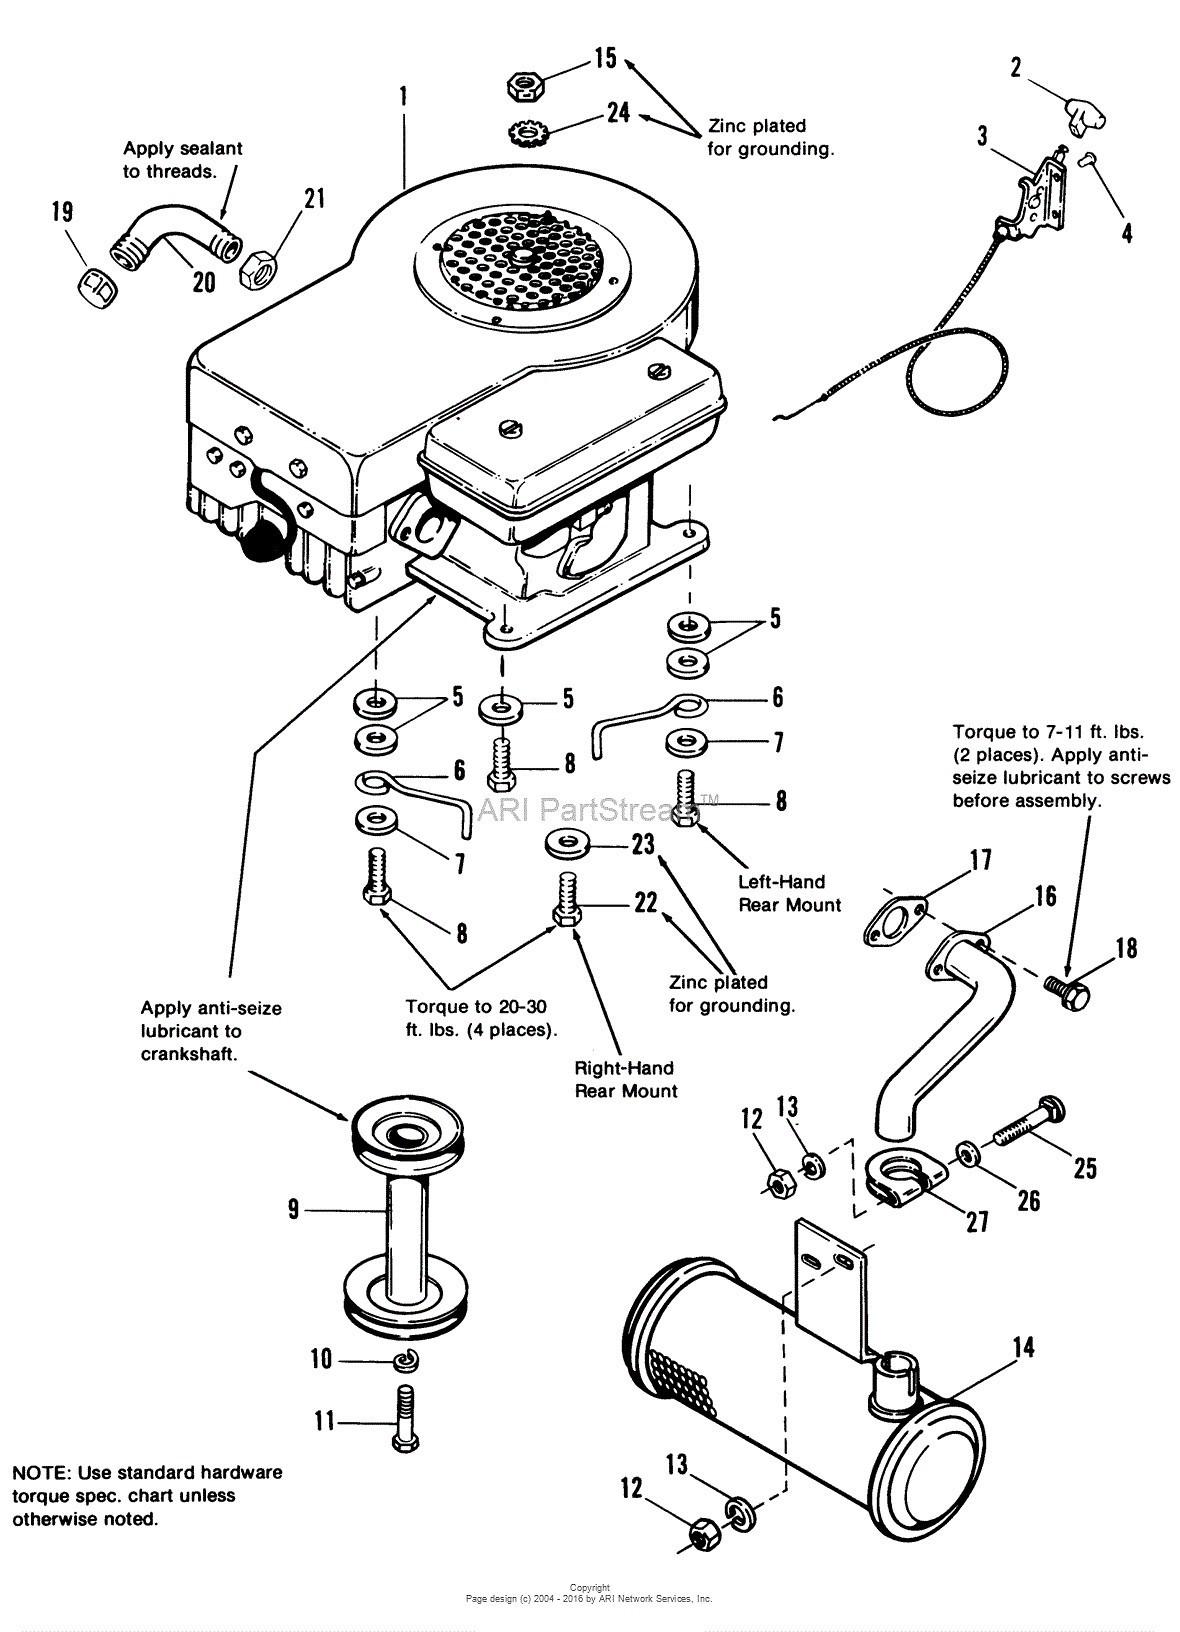 Ronk Wiring Diagram